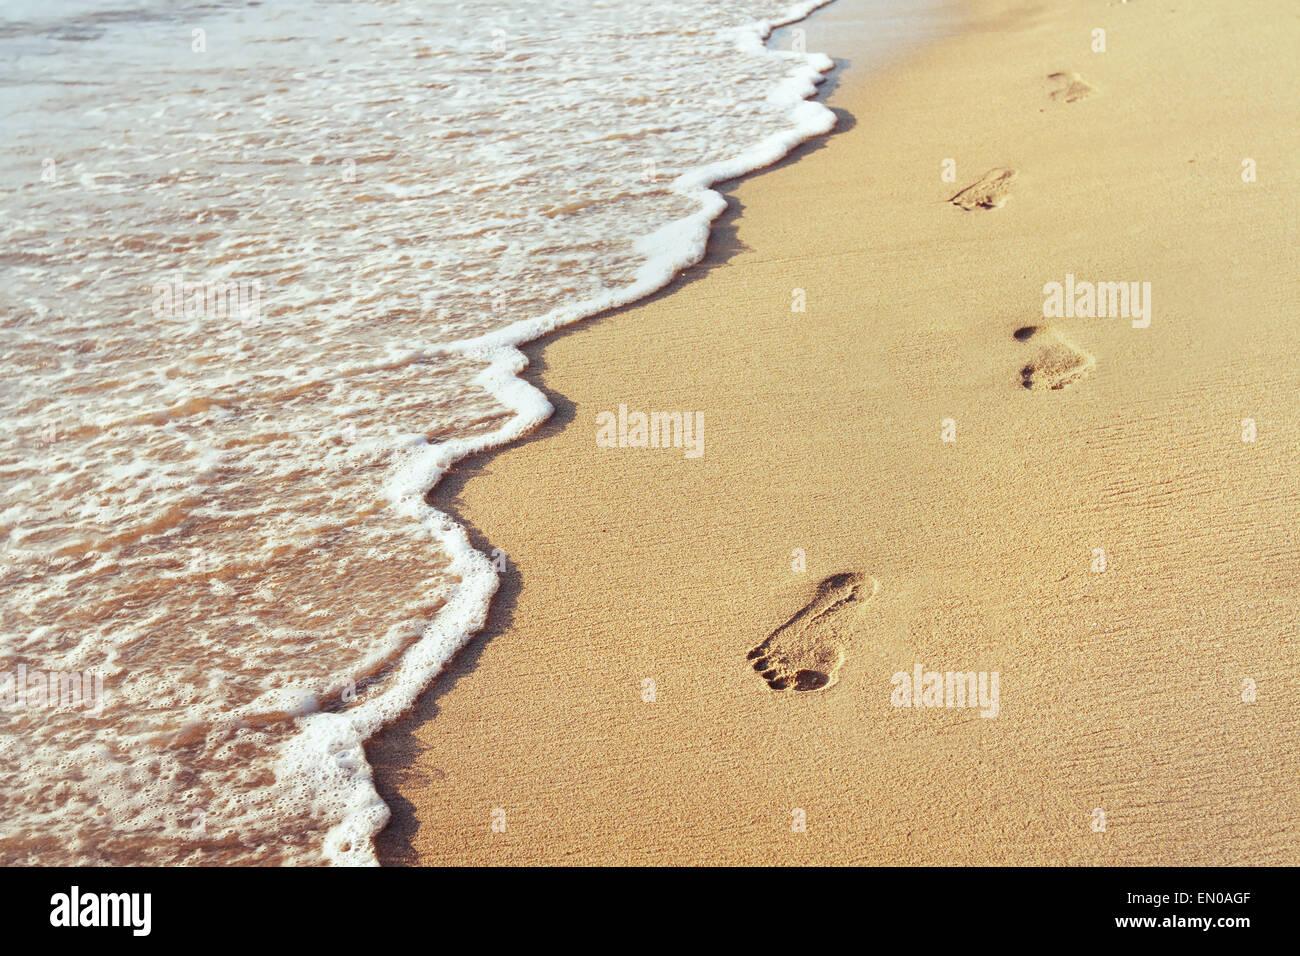 Modo di vita nuova, il concetto di benessere, impronte nella sabbia Immagini Stock